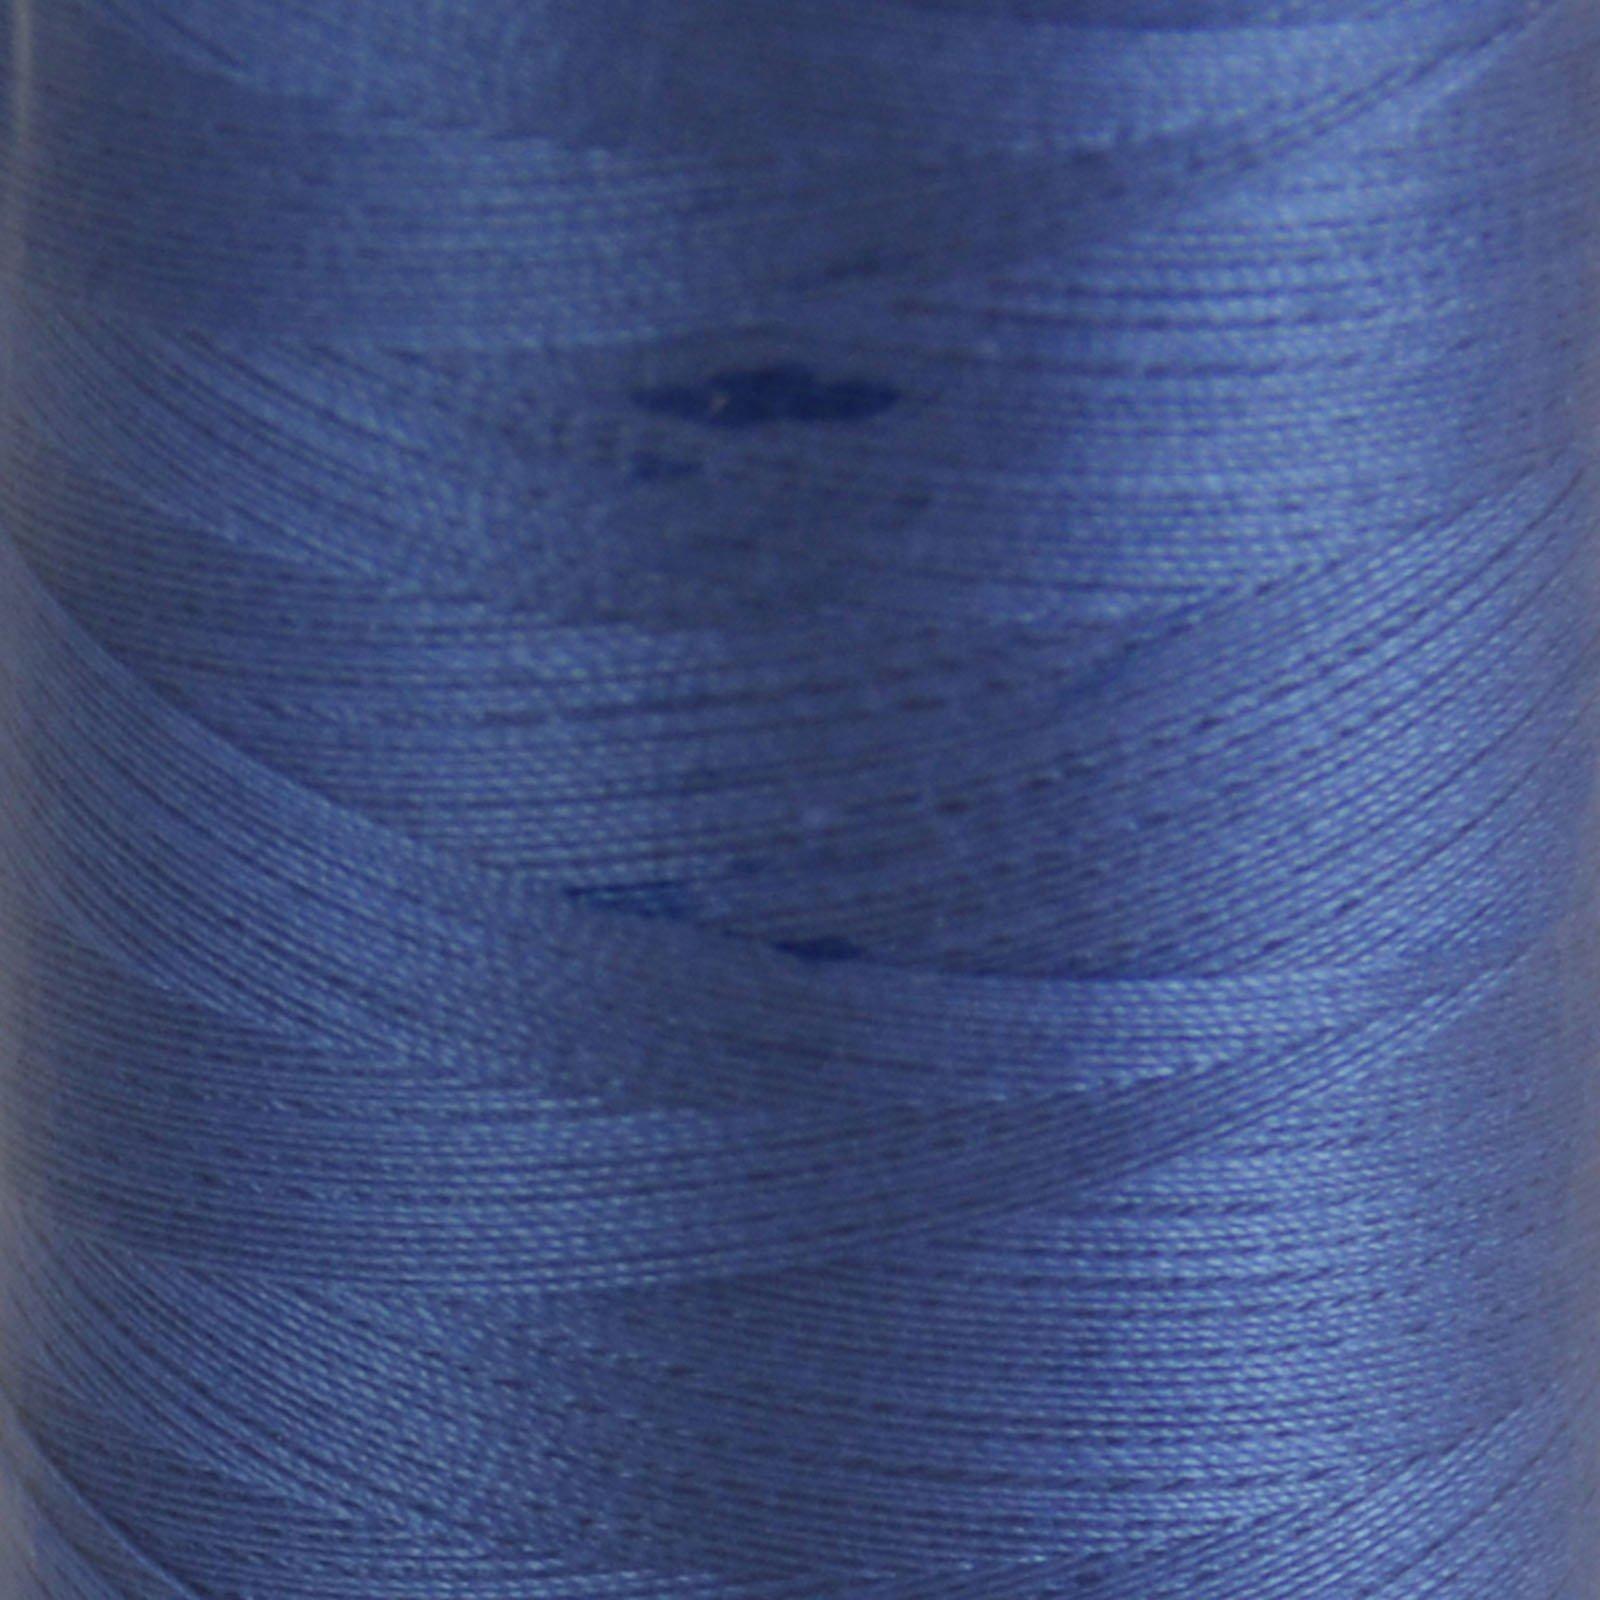 # 2730 Delft Blue